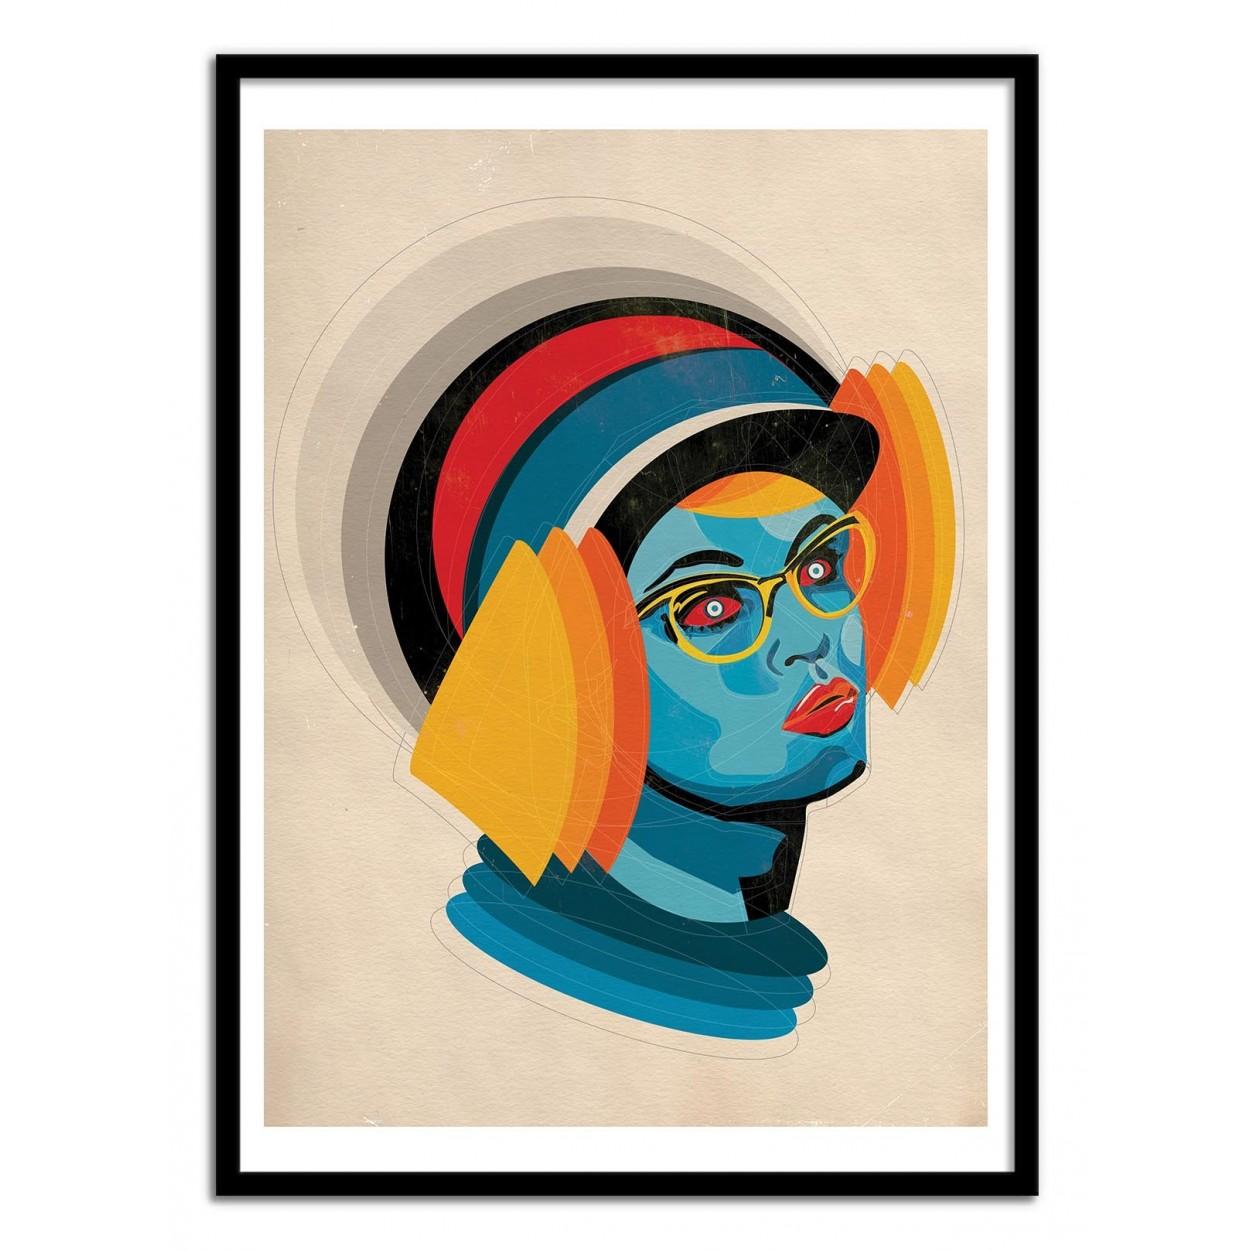 illustration art poster frame paint graphic portrait girl helmet. Black Bedroom Furniture Sets. Home Design Ideas